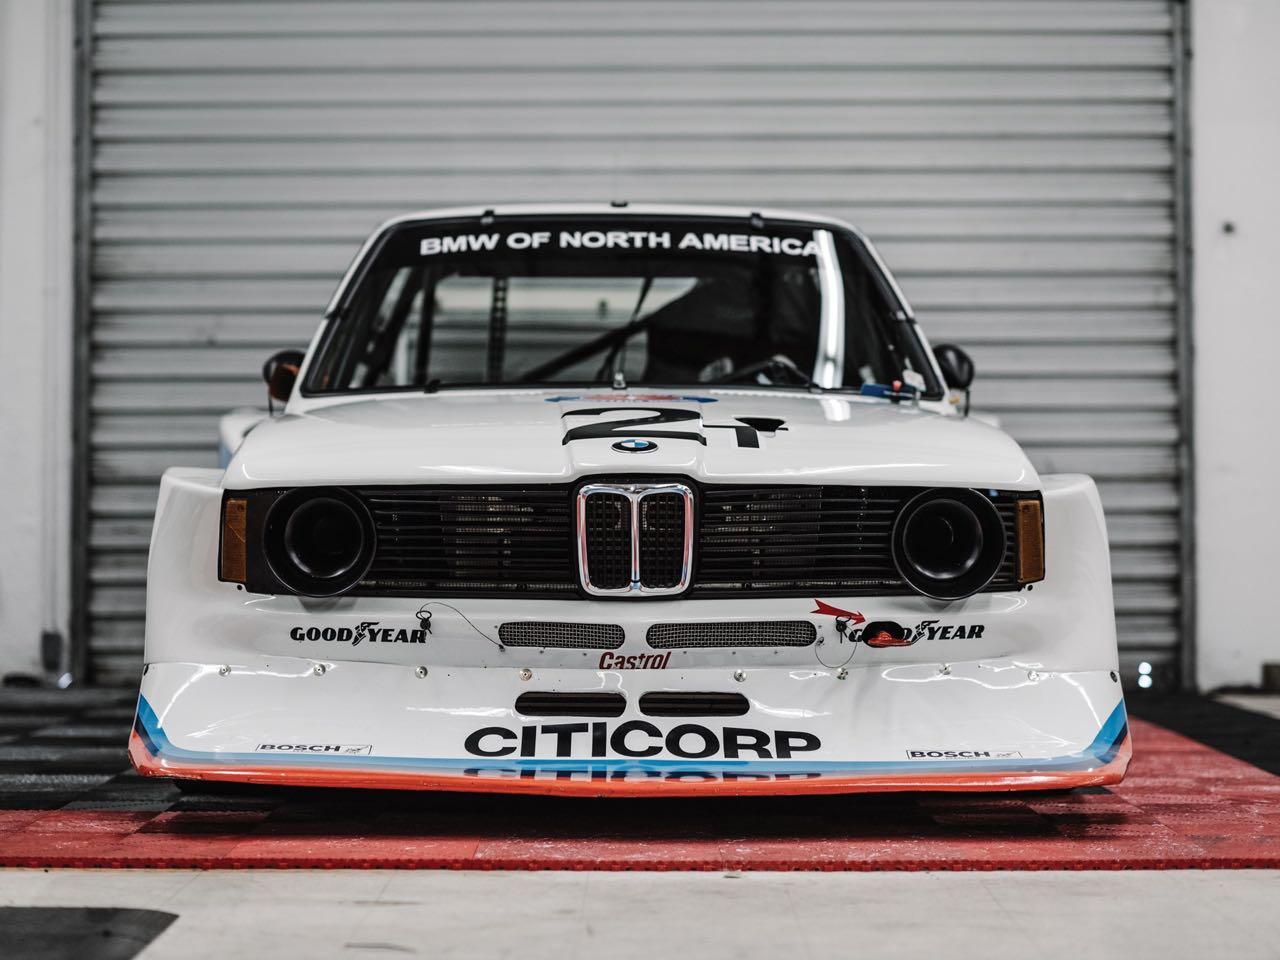 BMW 320i Turbo Gr 5 1978 - E21 en armure de guerre ! 3